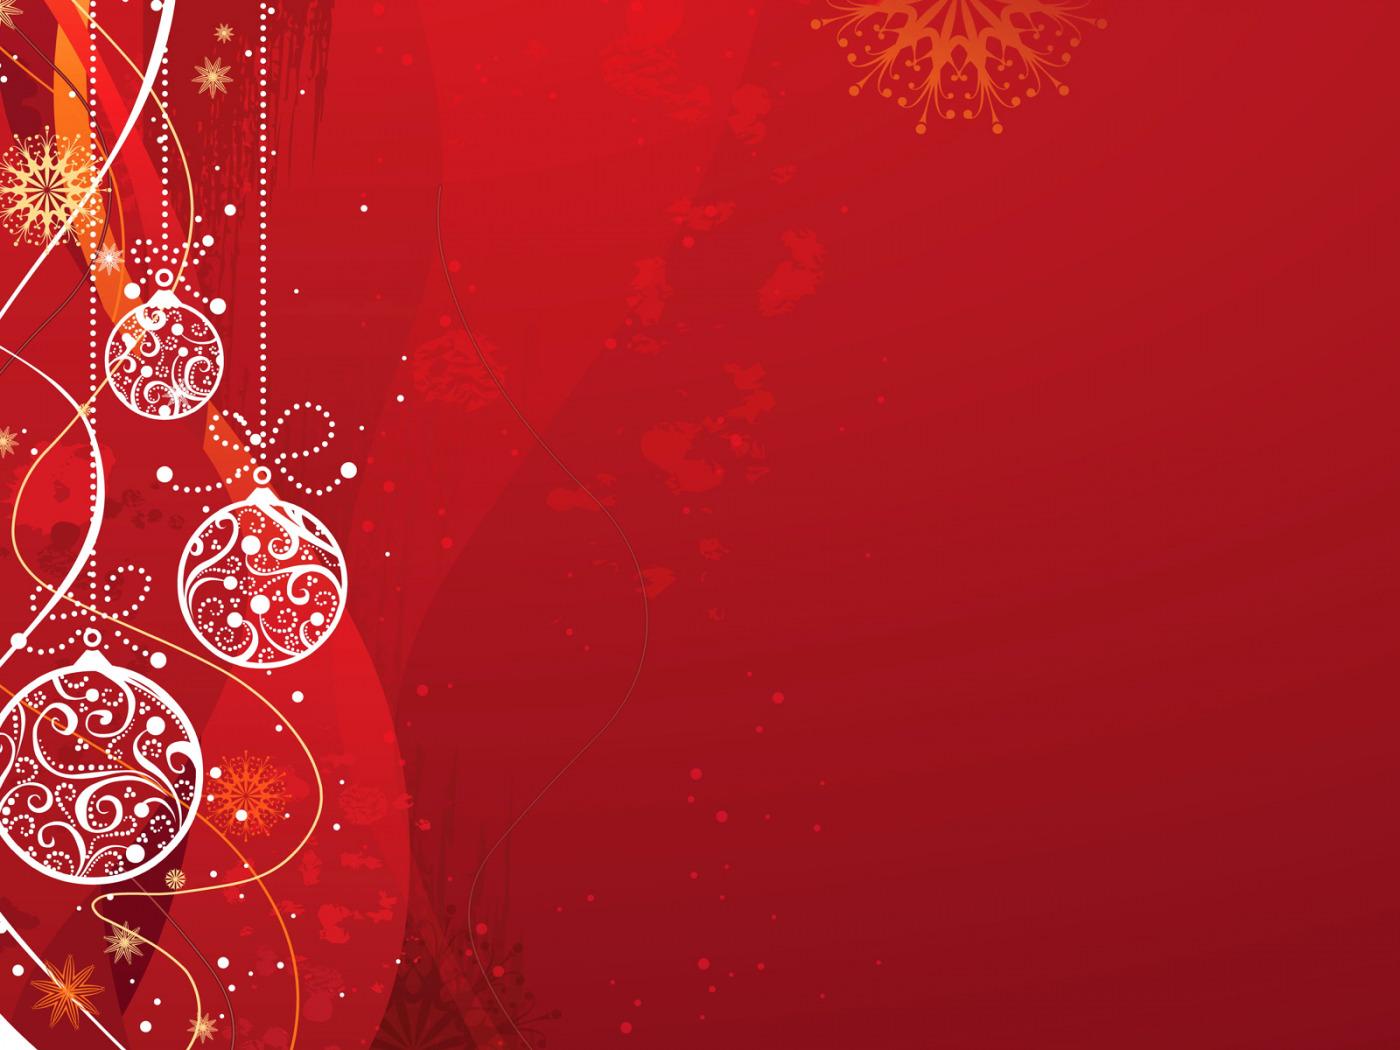 Открытки, макет открытки новый год